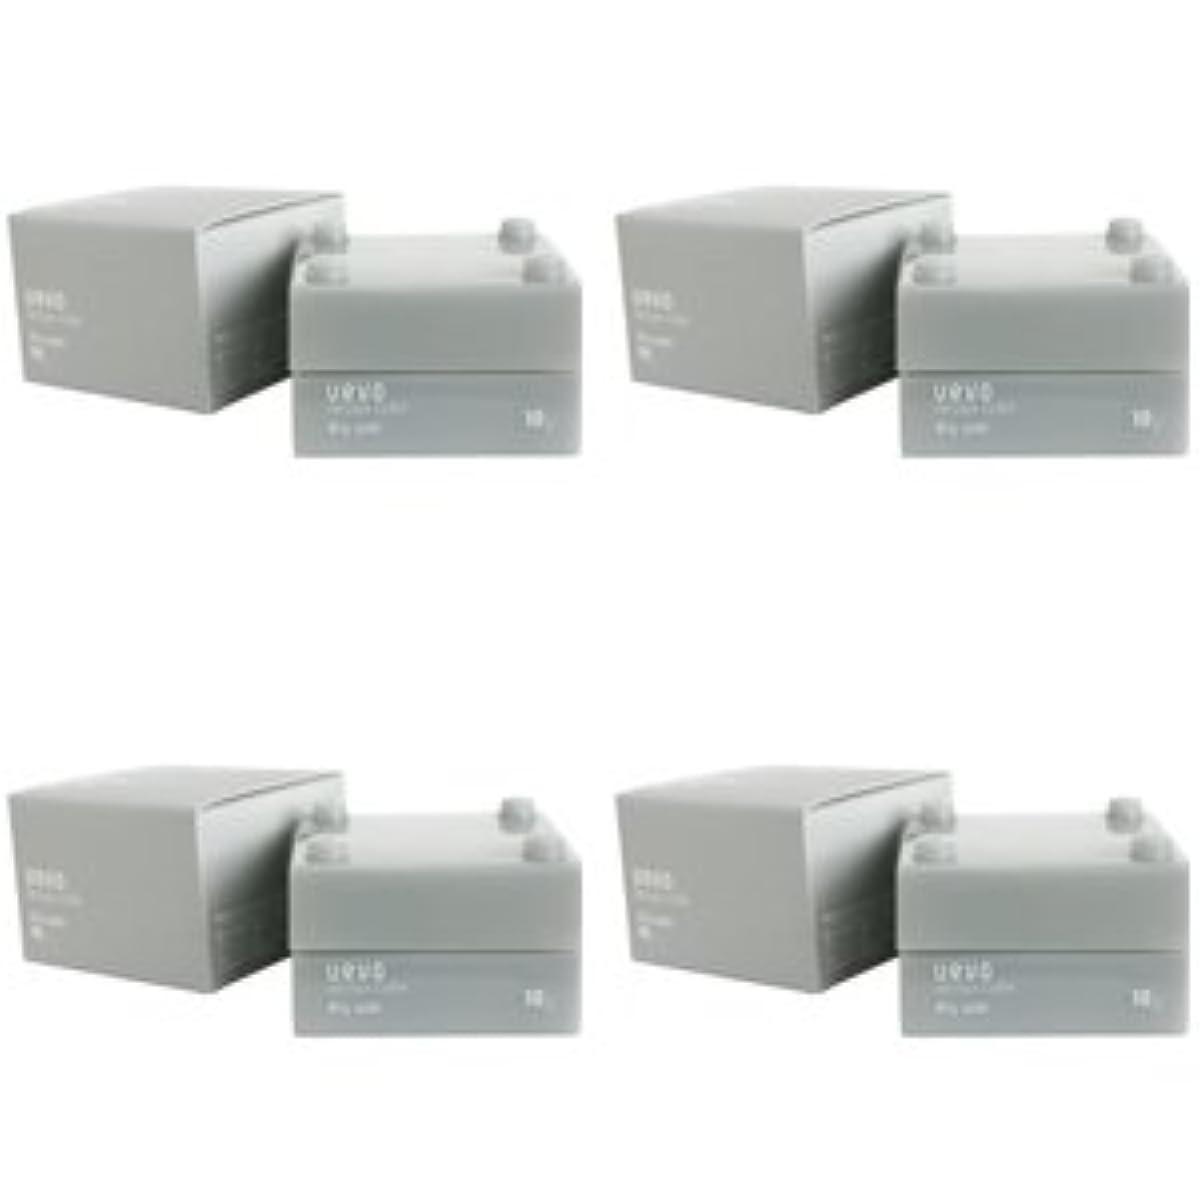 一晩はねかける広告【X4個セット】 デミ ウェーボ デザインキューブ ドライワックス 30g dry wax DEMI uevo design cube